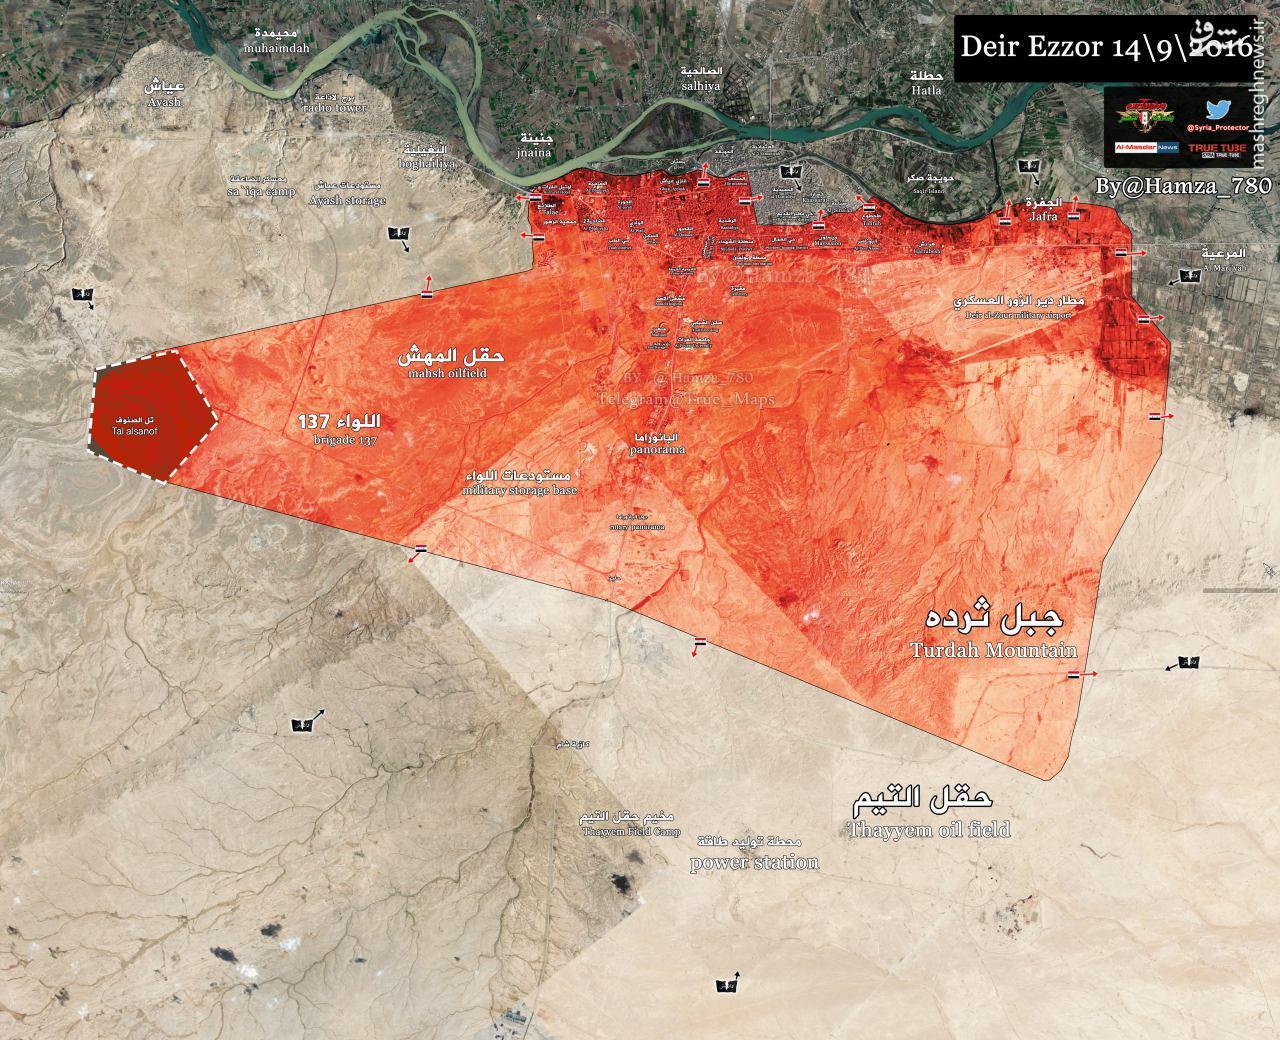 بمباران ارتش سوریه توسط آمریکا در دیرالزور!